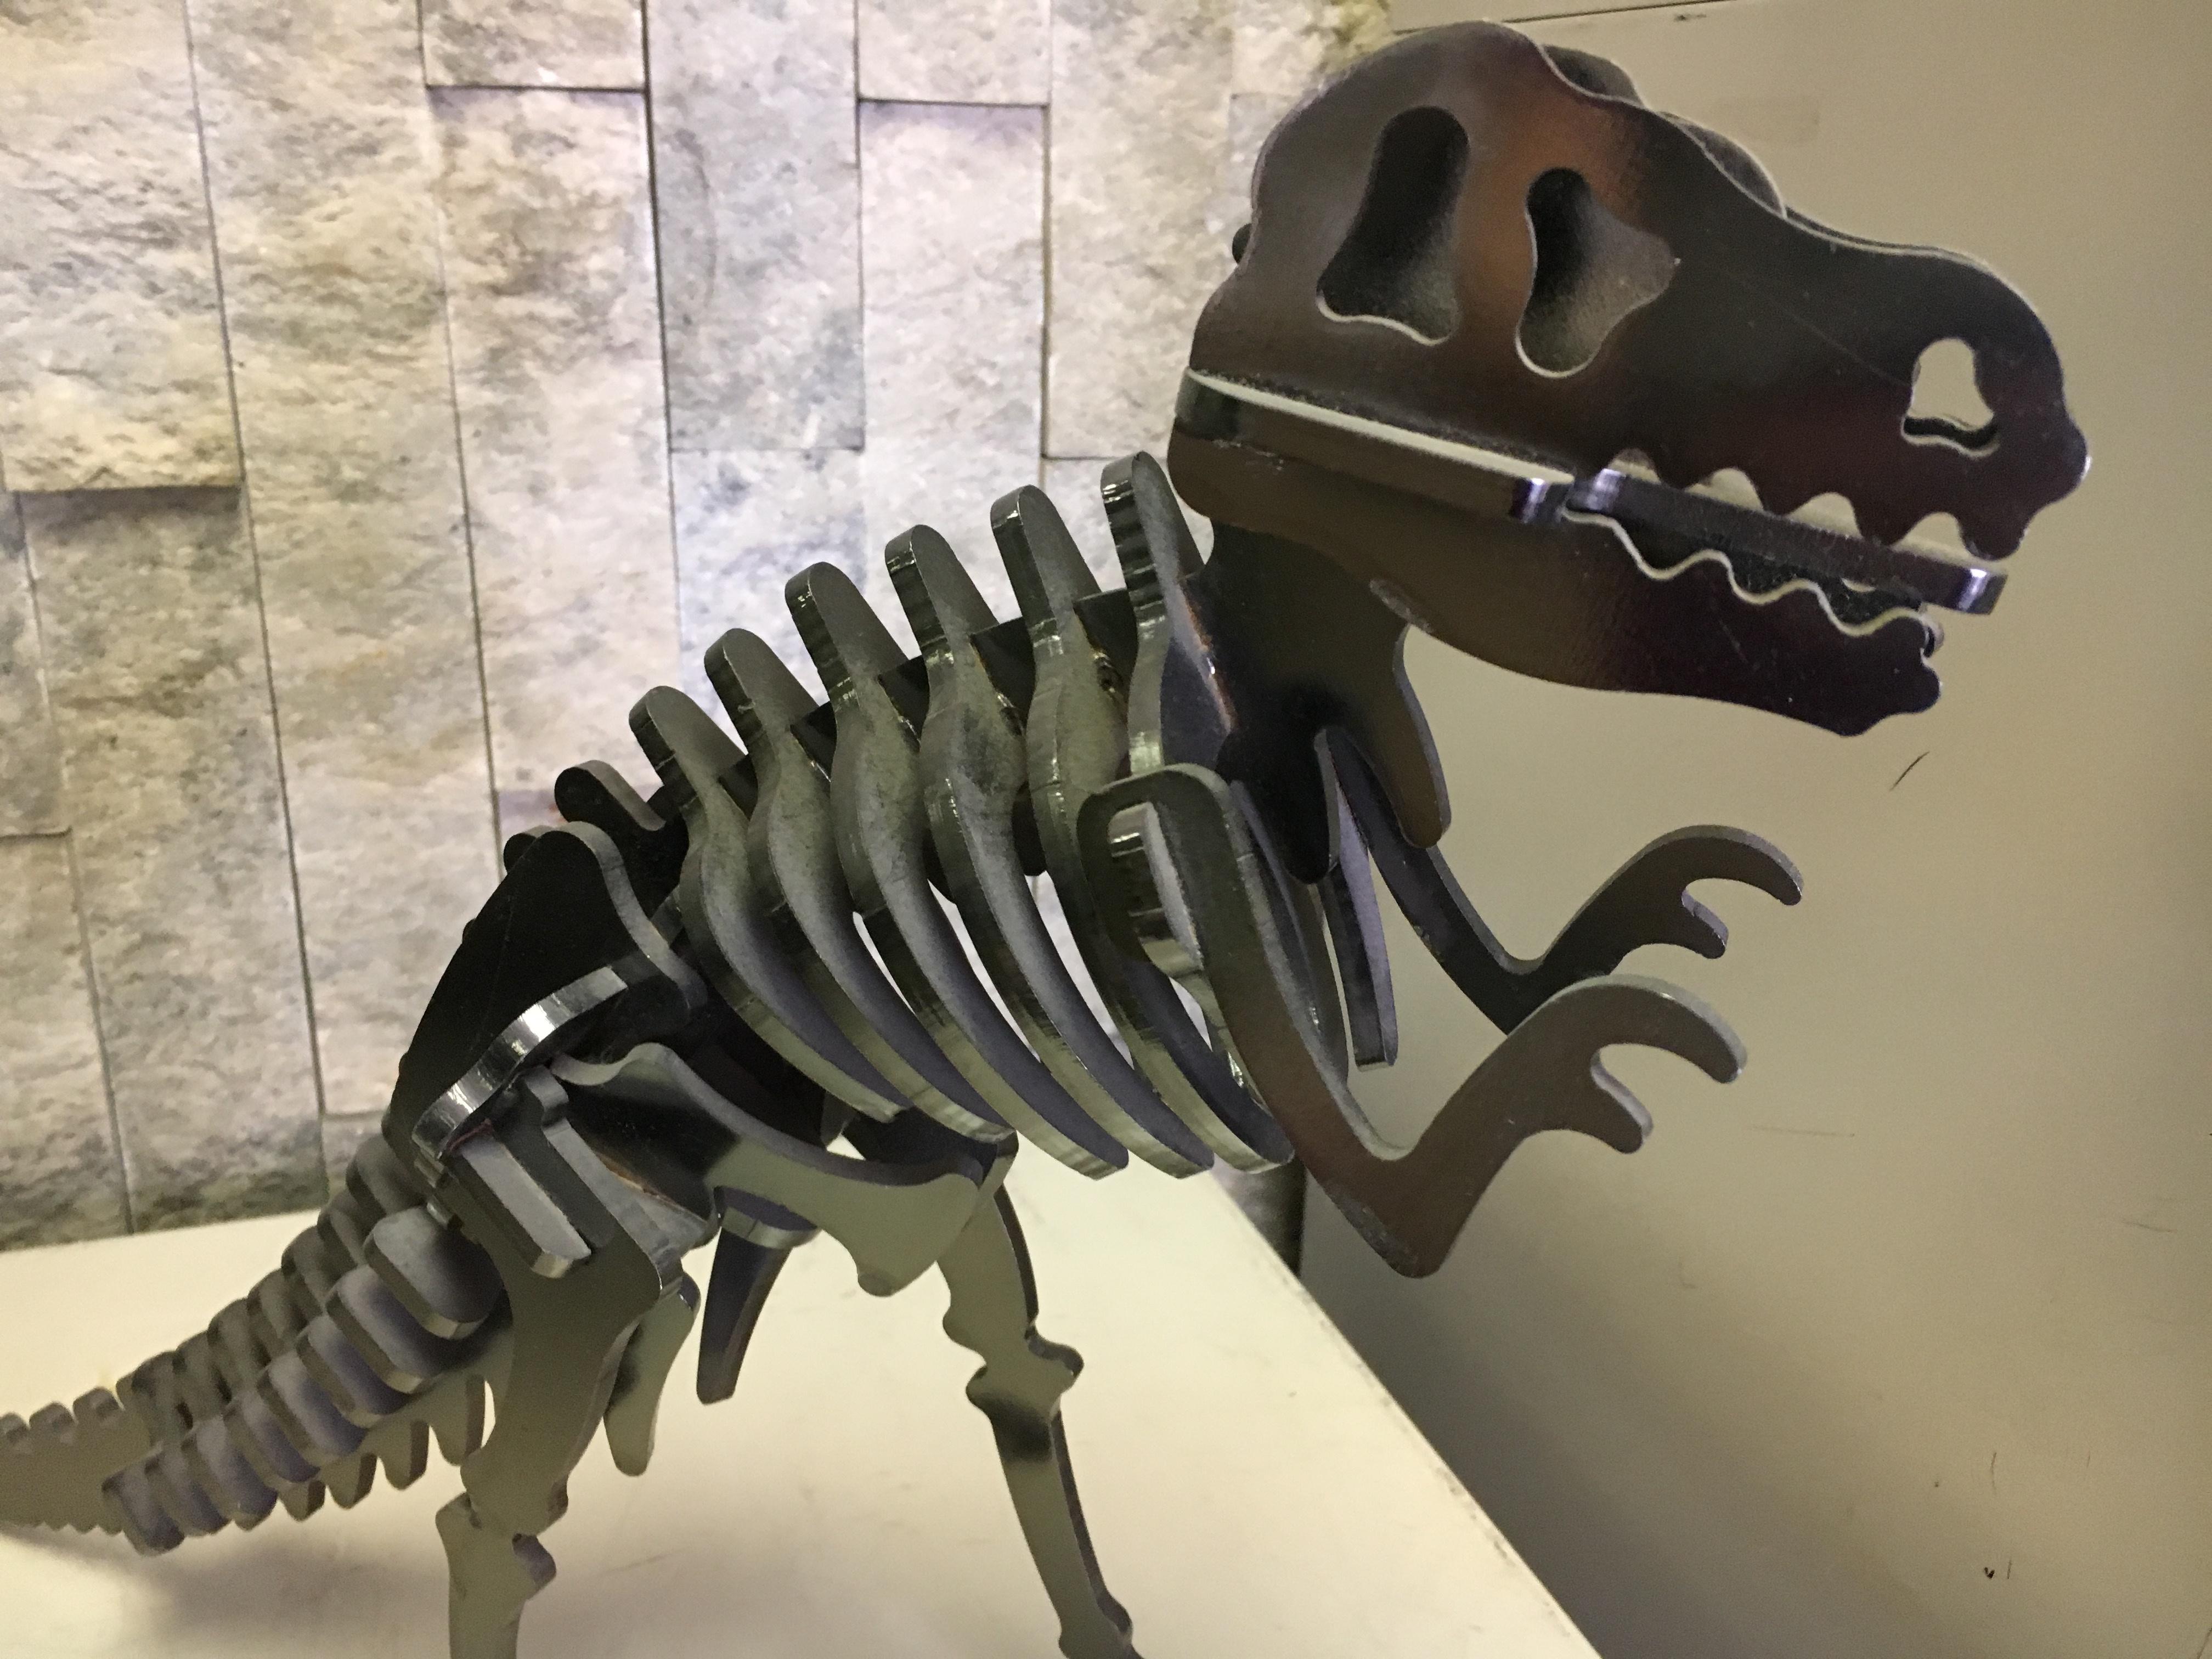 https://0901.nccdn.net/4_2/000/000/050/773/Dino-3-4032x3024.jpg